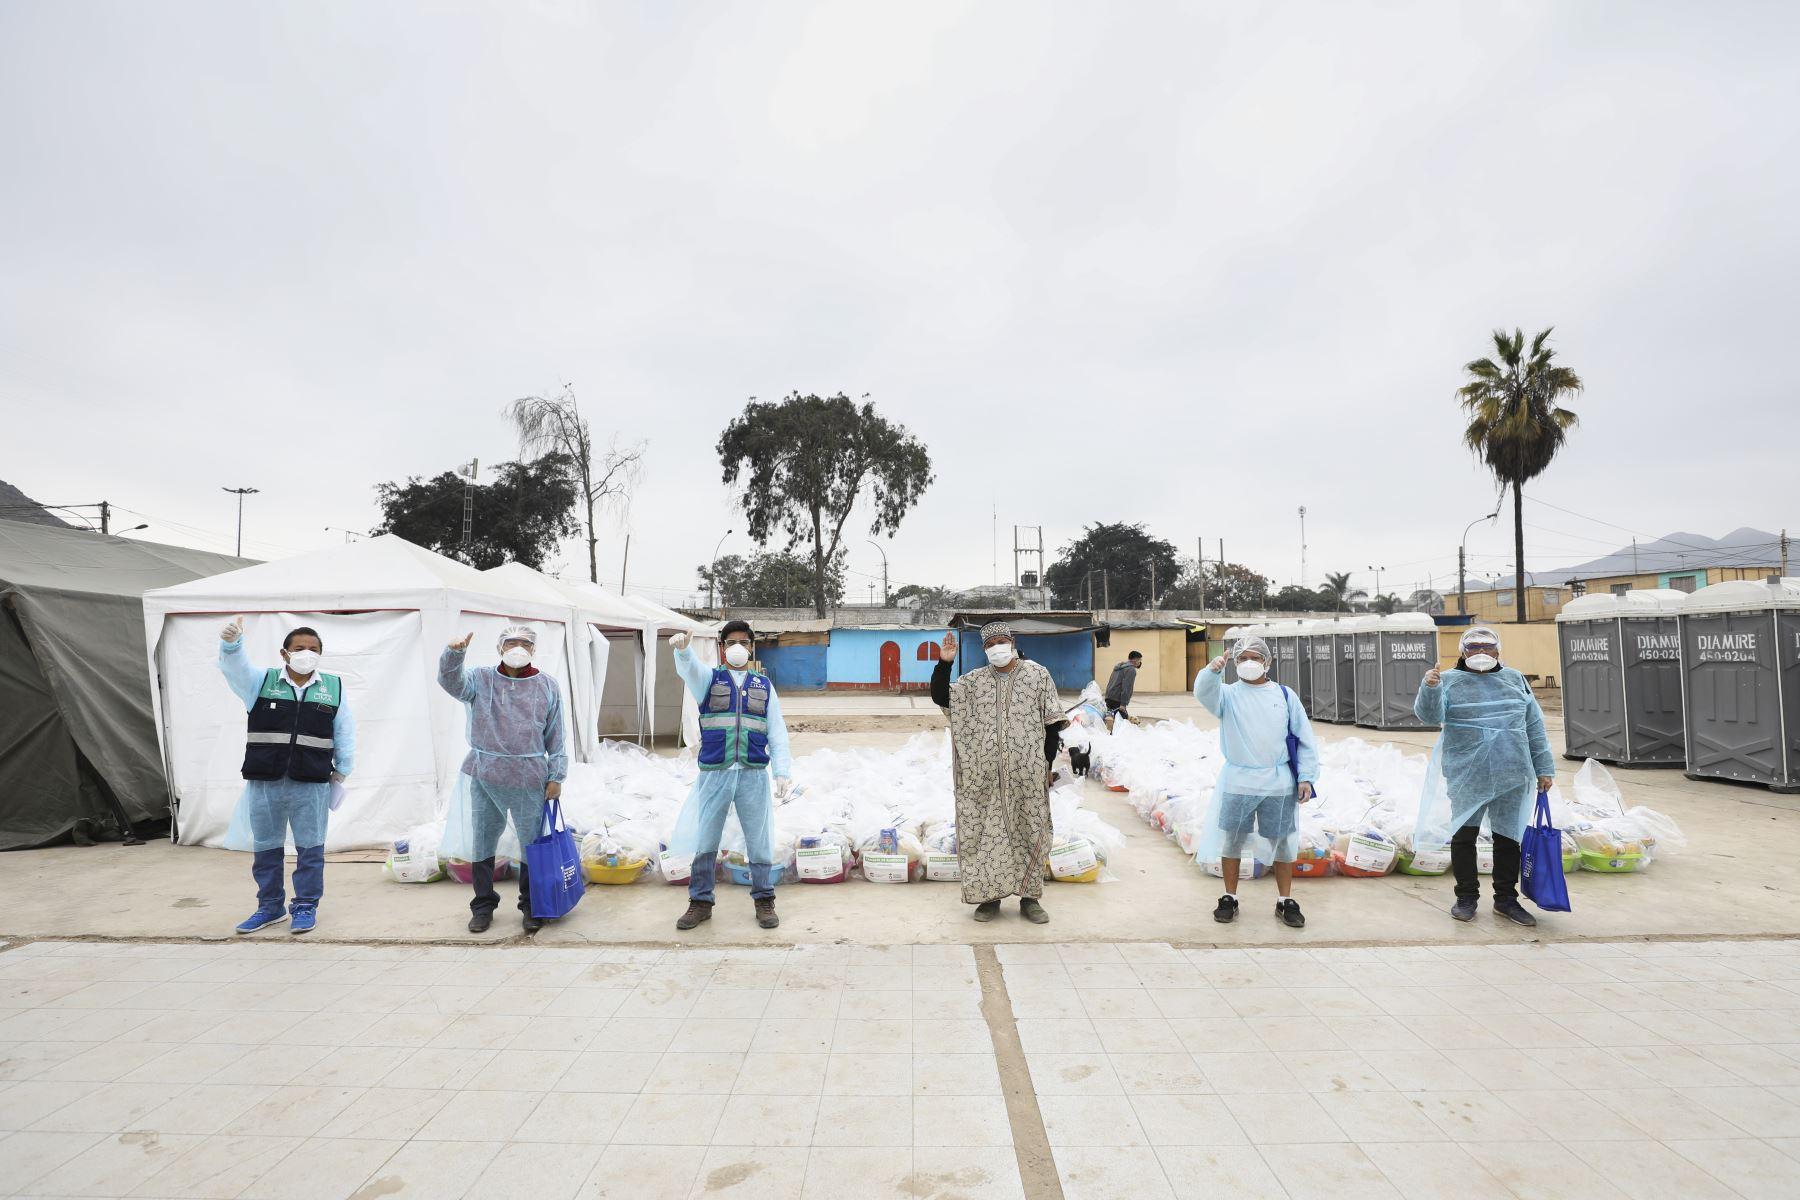 La Municipalidad de Lima entregó canastas de alimentos a pobladores de la comunidad Shipibo-Conibo de Cantagallo quienes cumplen cuarentena por casos confirmados de coronavirus. Foto: ANDINA/Municipalidad de Lima